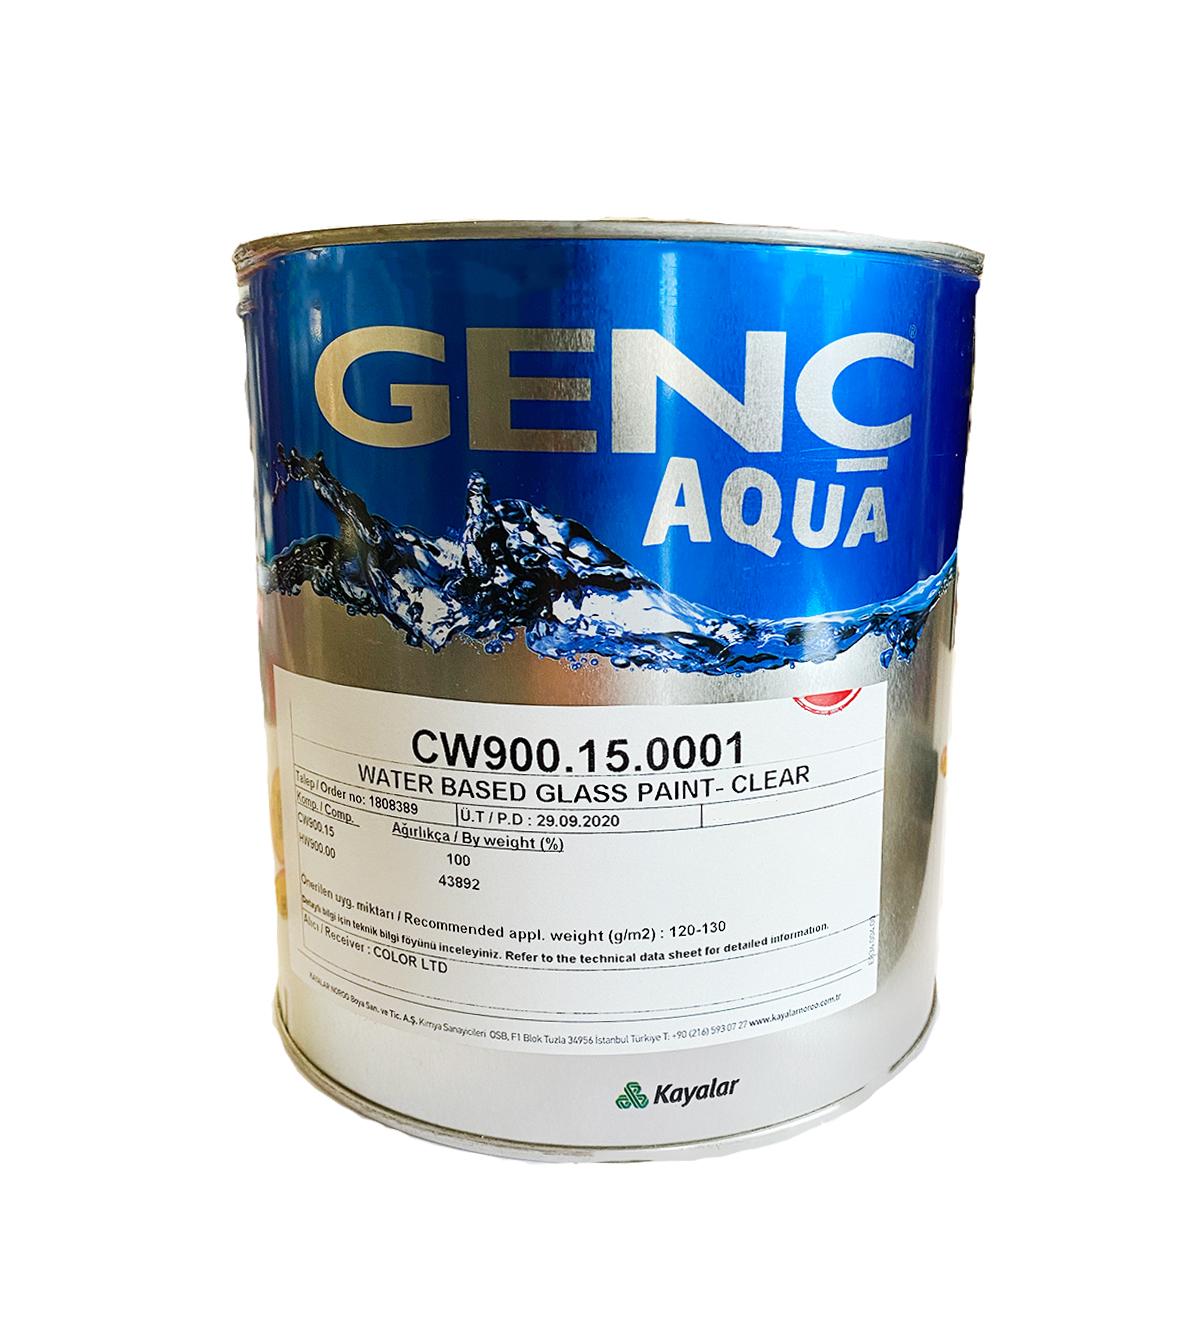 Genc cw900. 15